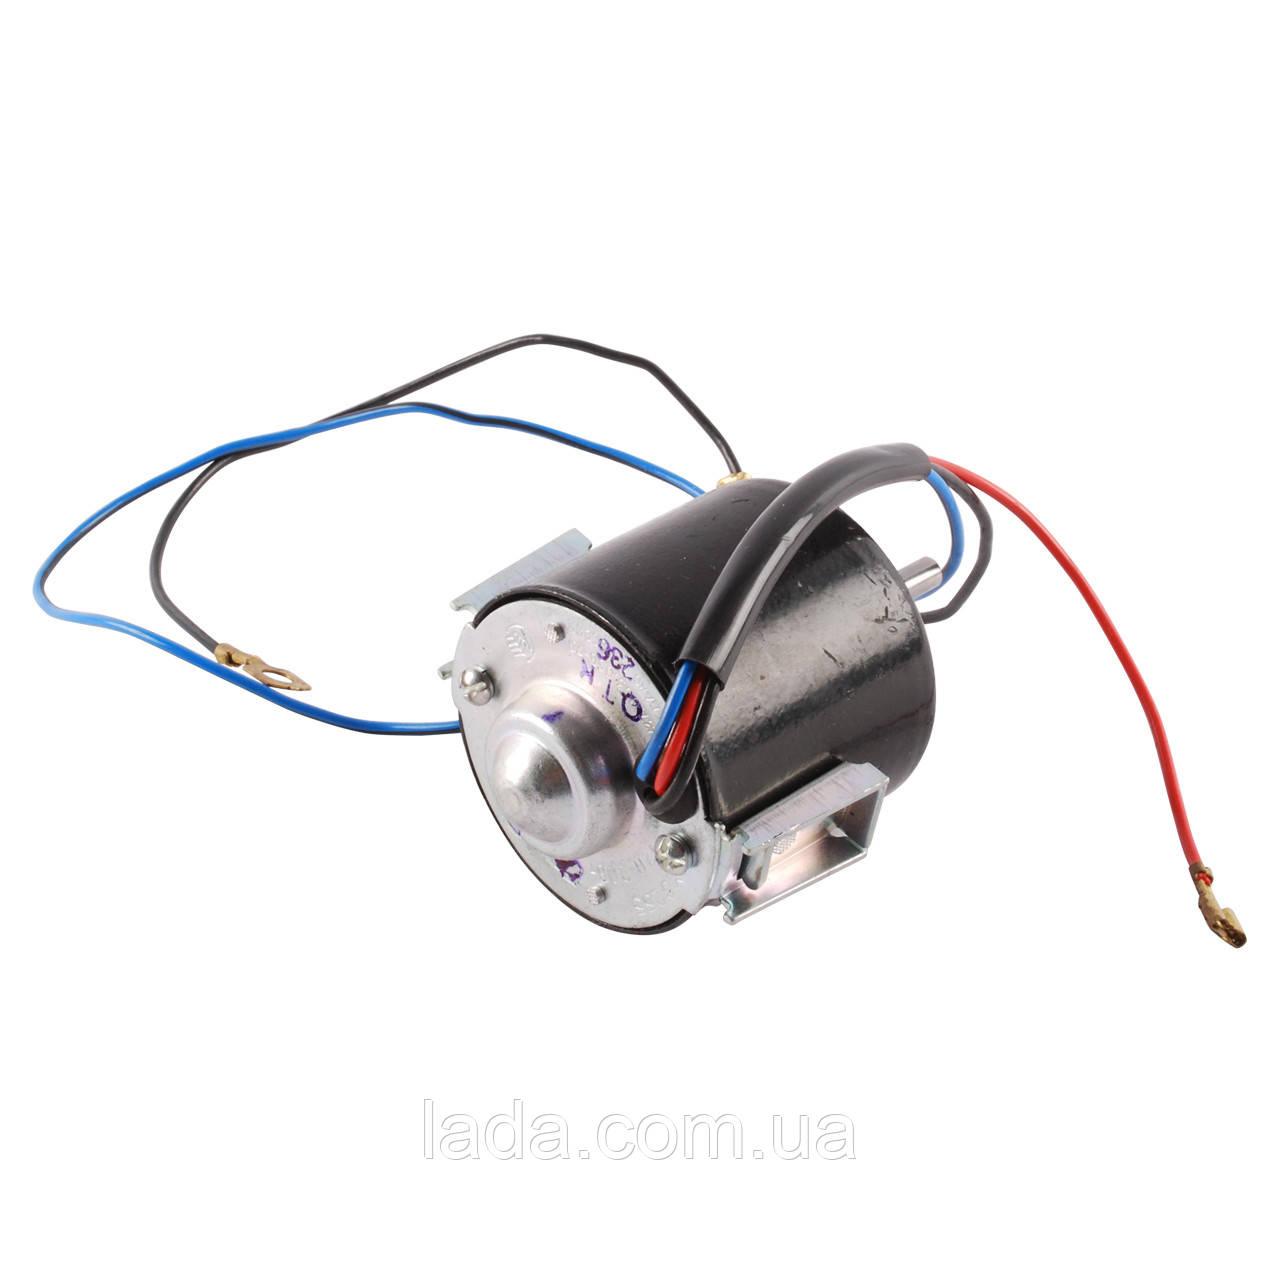 Электродвигатель отопителя ВАЗ 2101 - 2107, ВАЗ 2121 - 21214, Нива